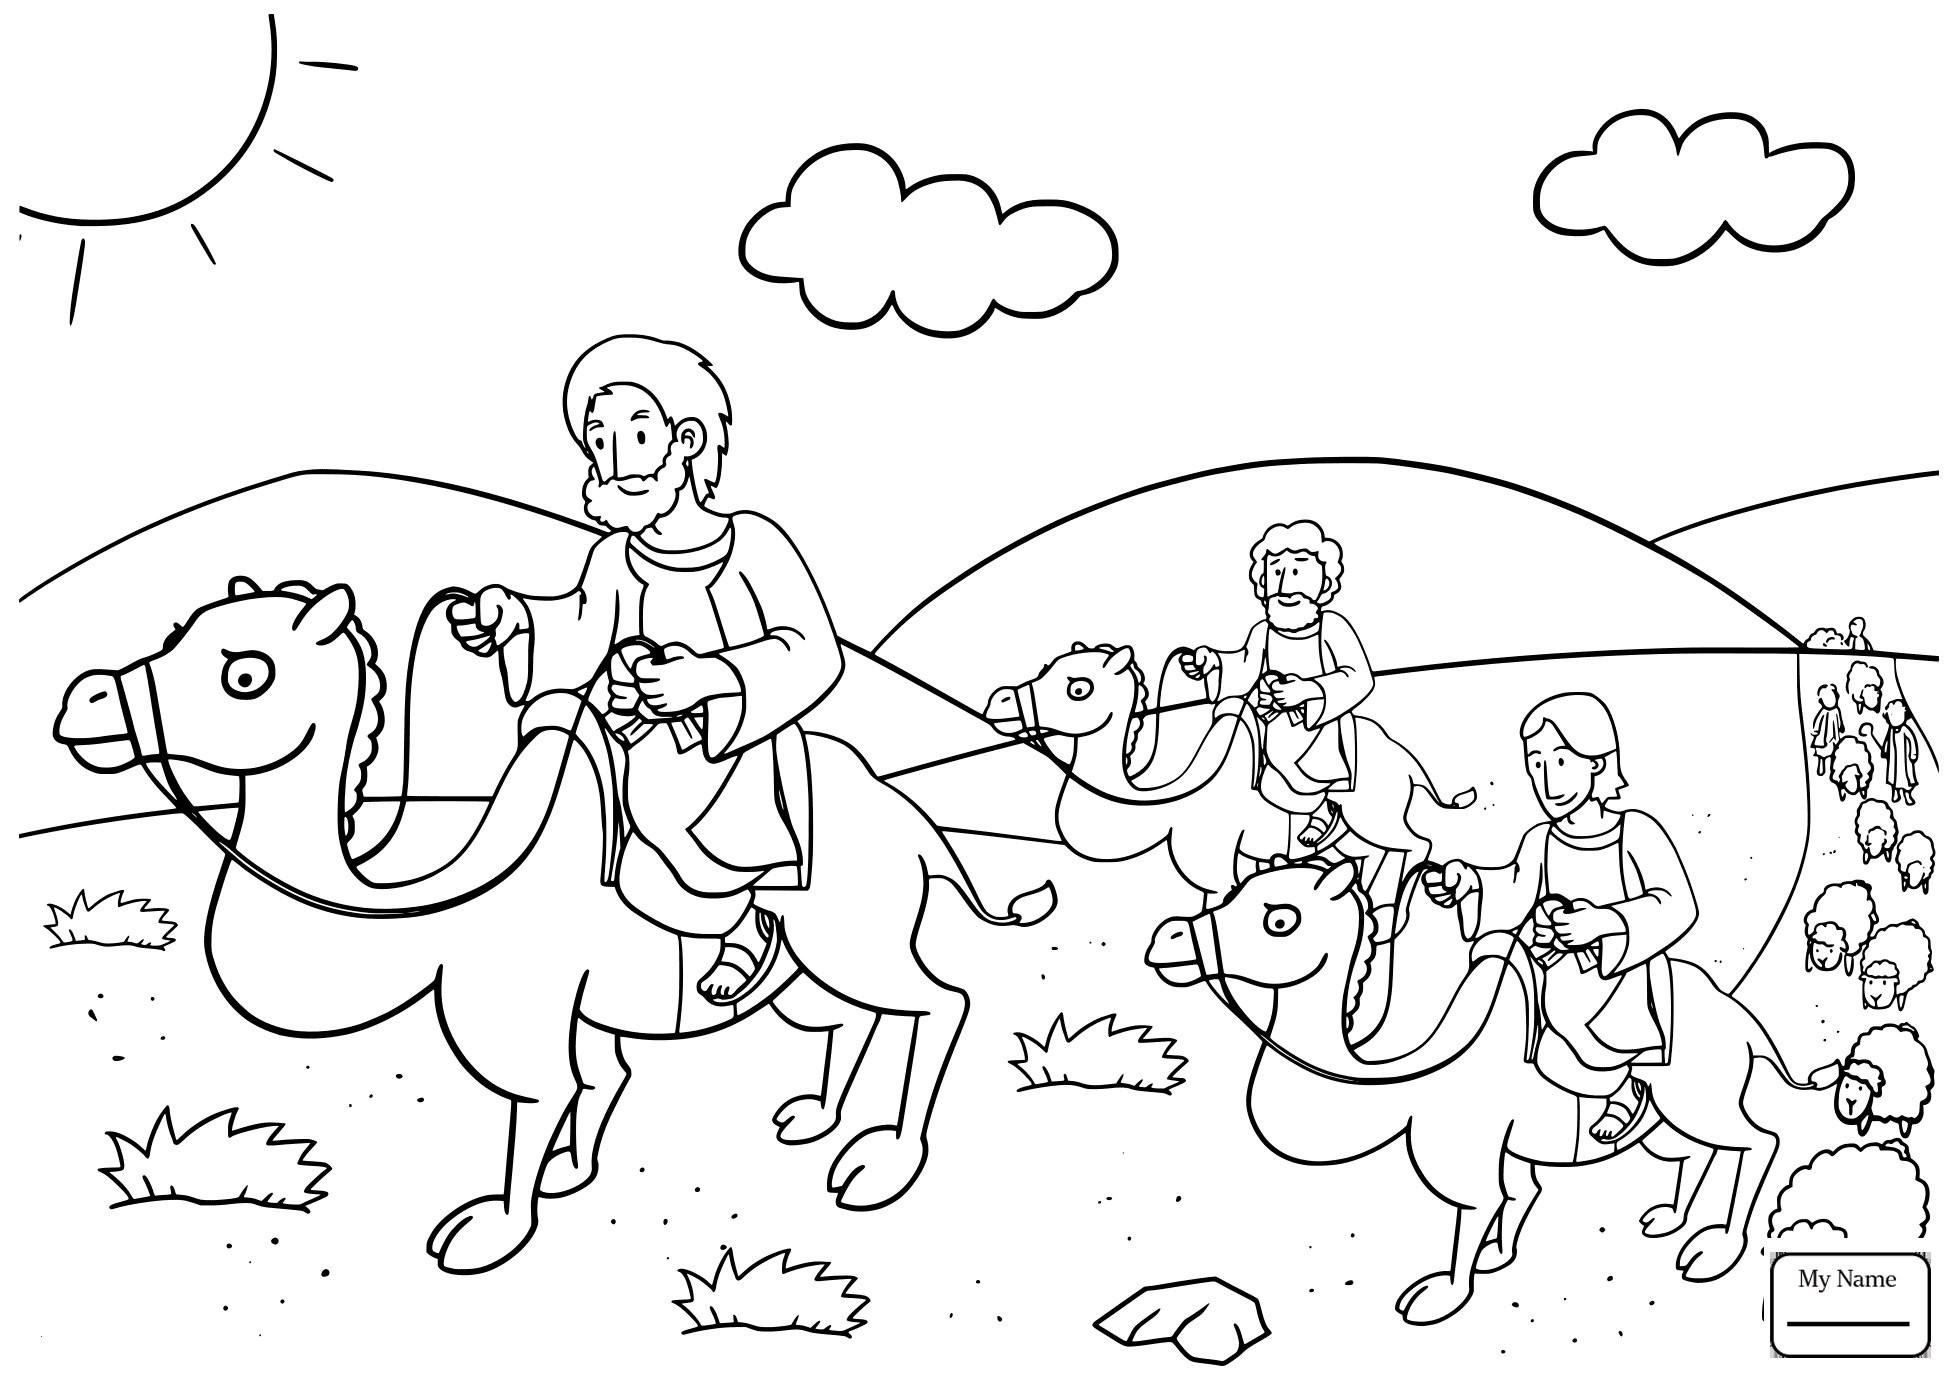 Jakob Und Esau Ausmalbilder Neu Wurst Ausmalbilder Ultra Coloring Pages Genial Ausmalbilder Wurst Fotografieren